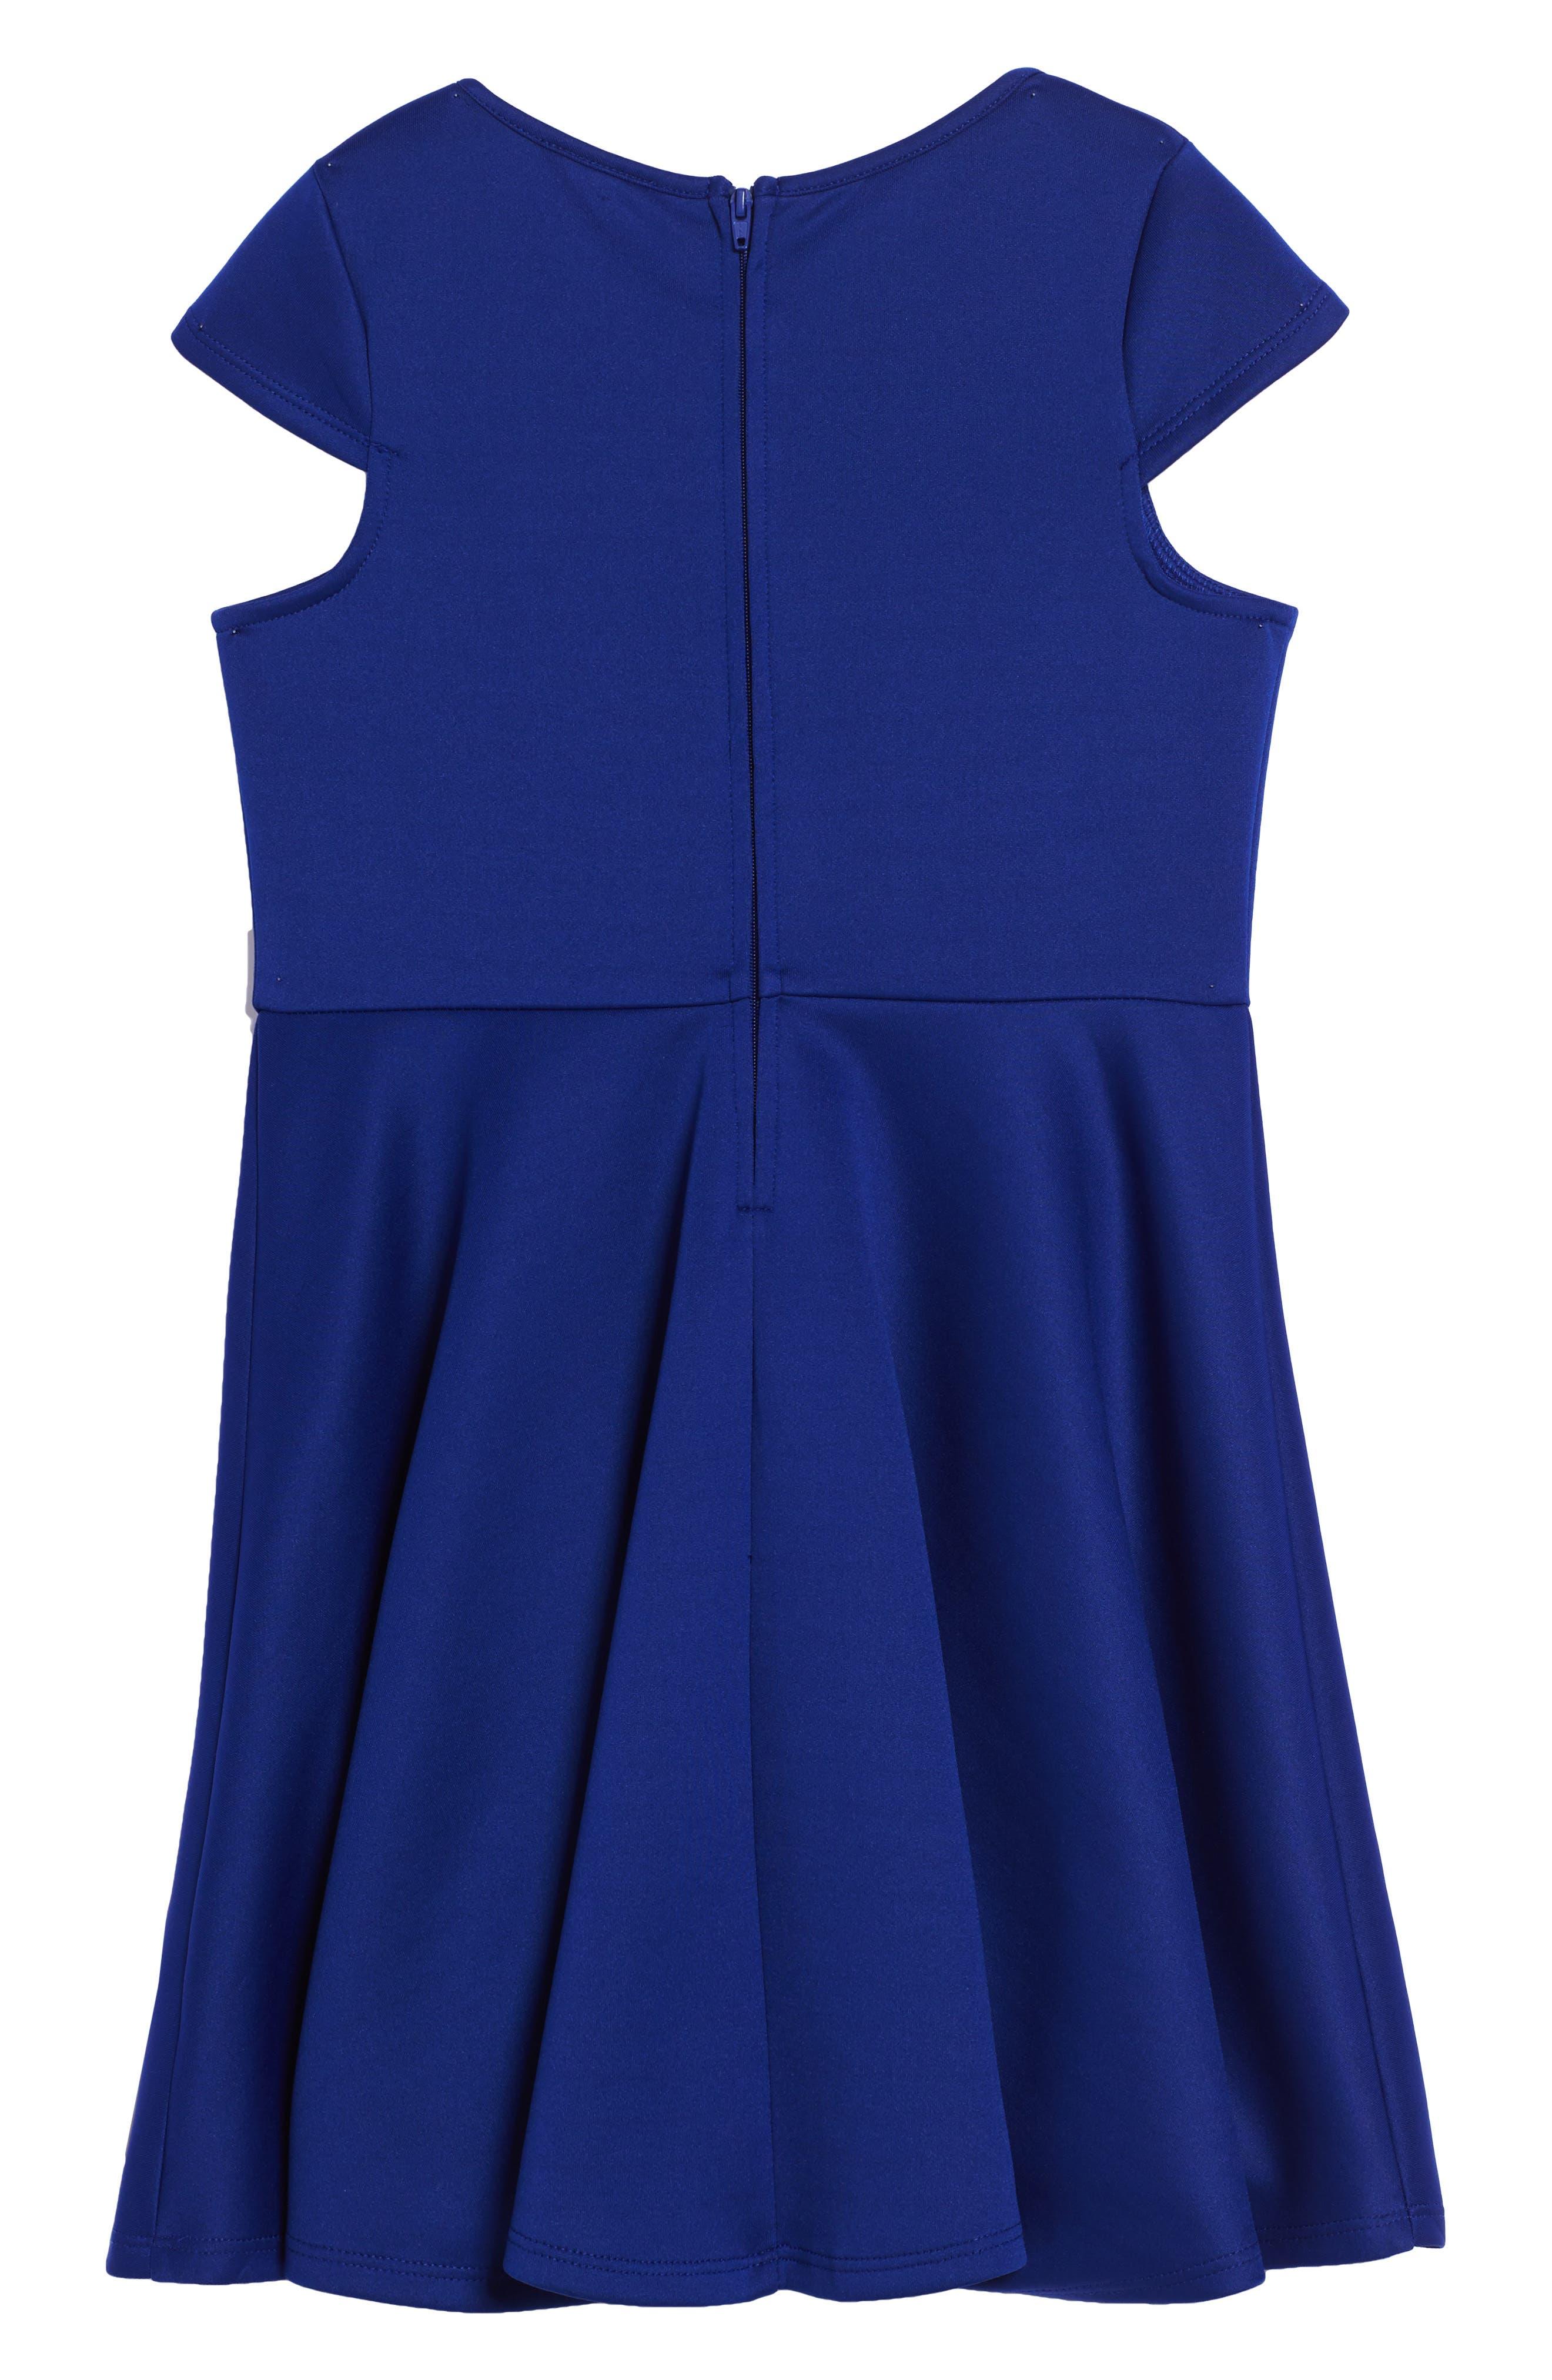 Cap Sleeve Skater Dress,                             Alternate thumbnail 2, color,                             Cobalt